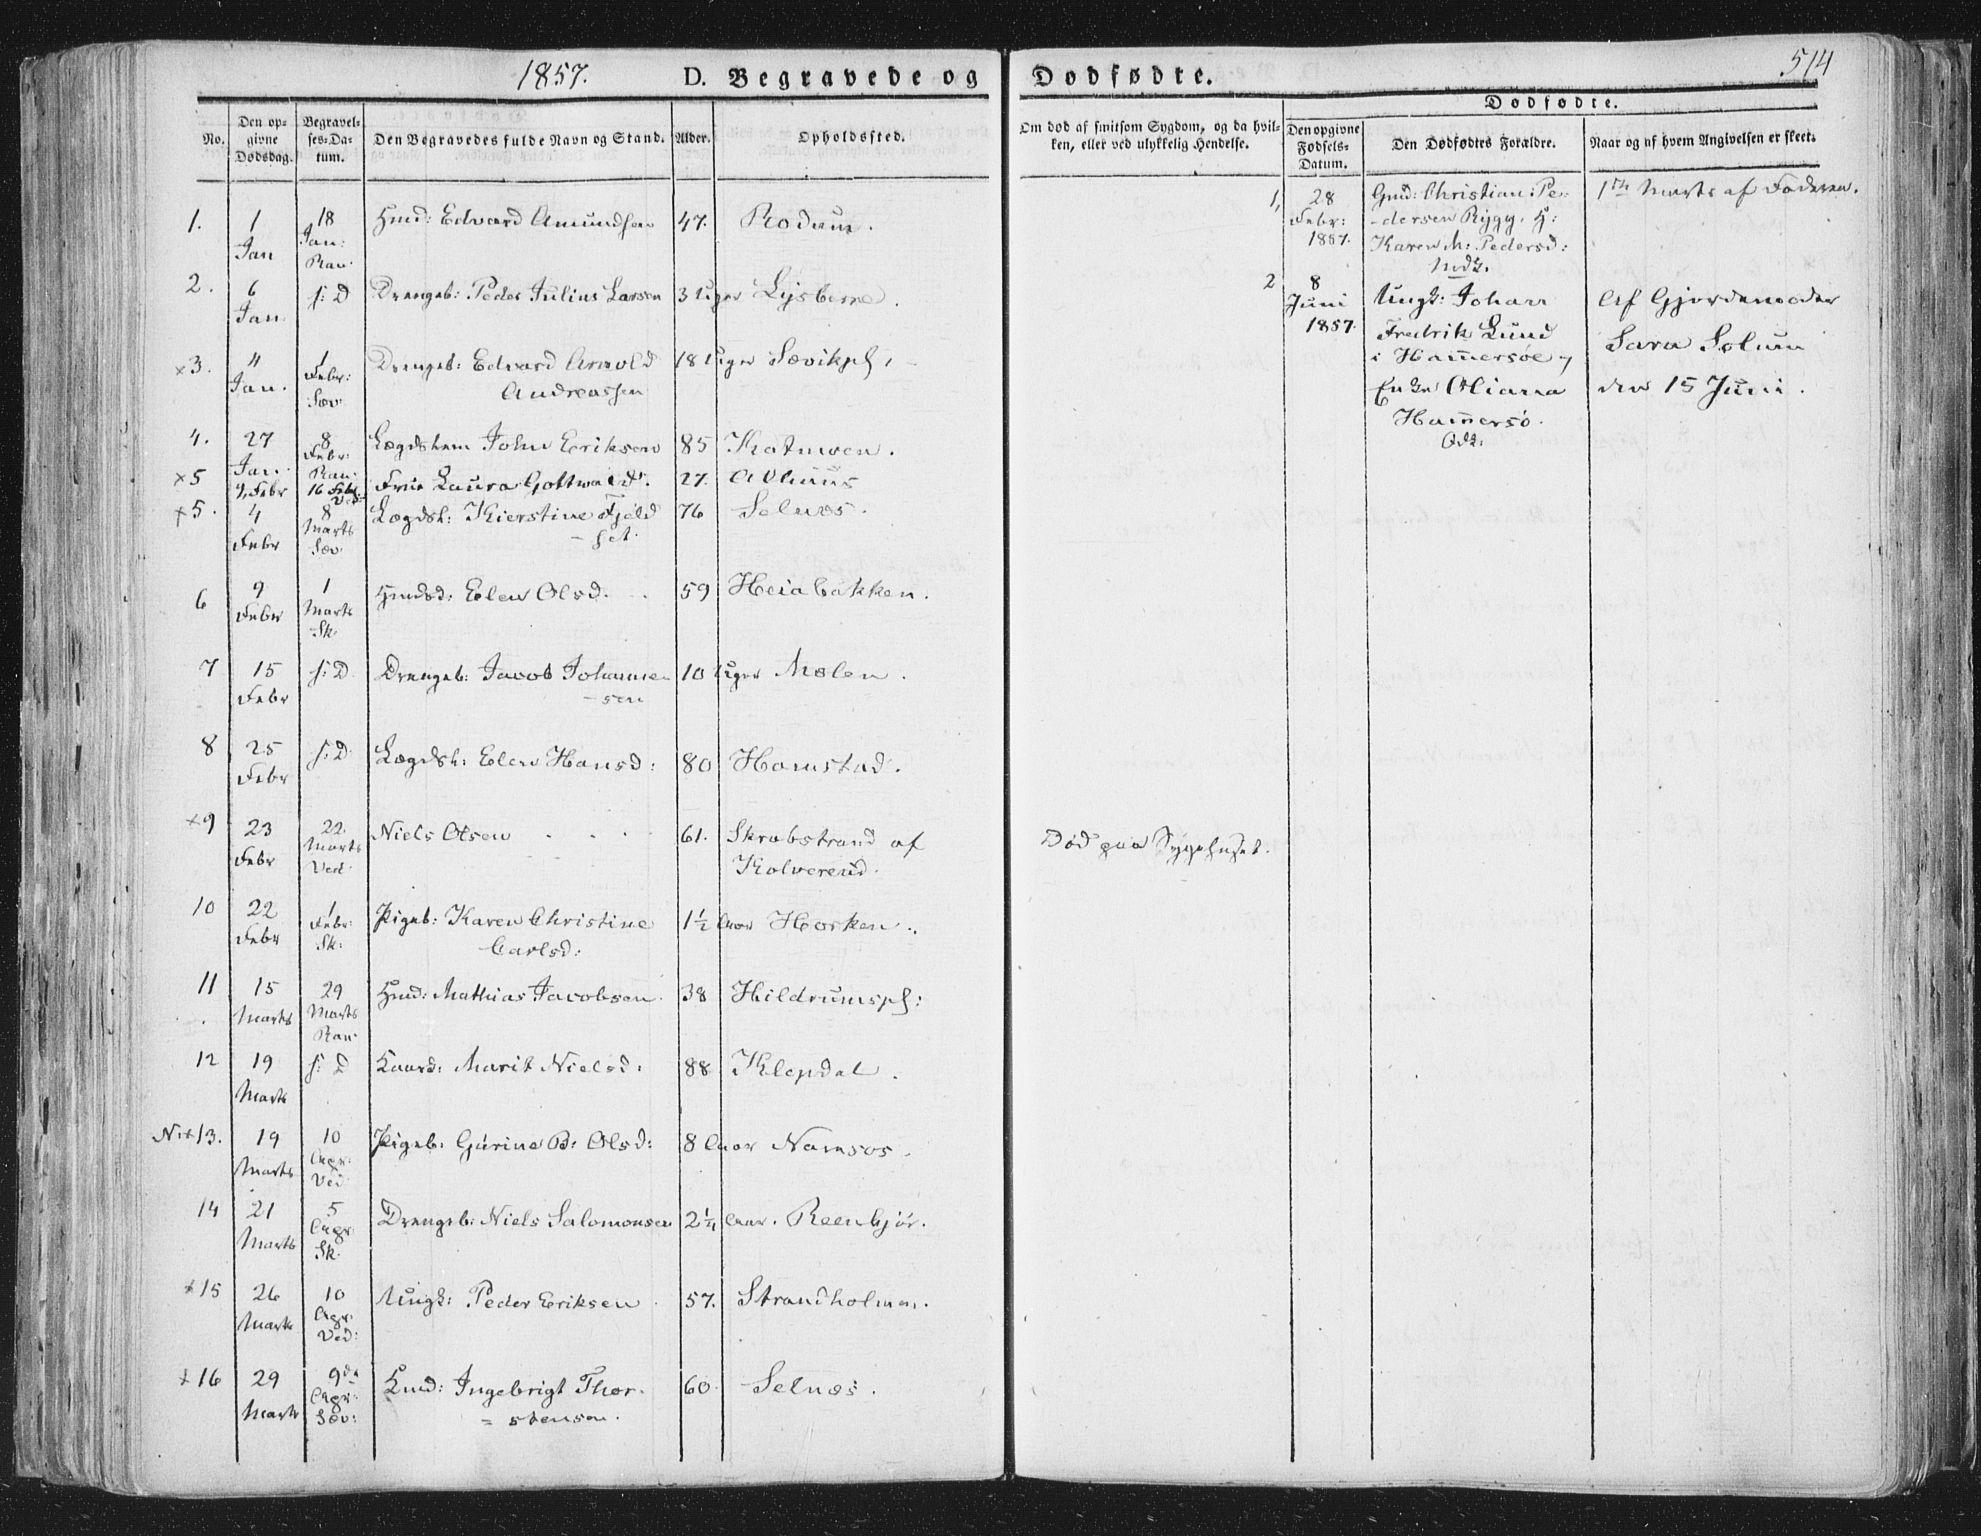 SAT, Ministerialprotokoller, klokkerbøker og fødselsregistre - Nord-Trøndelag, 764/L0552: Ministerialbok nr. 764A07b, 1824-1865, s. 514